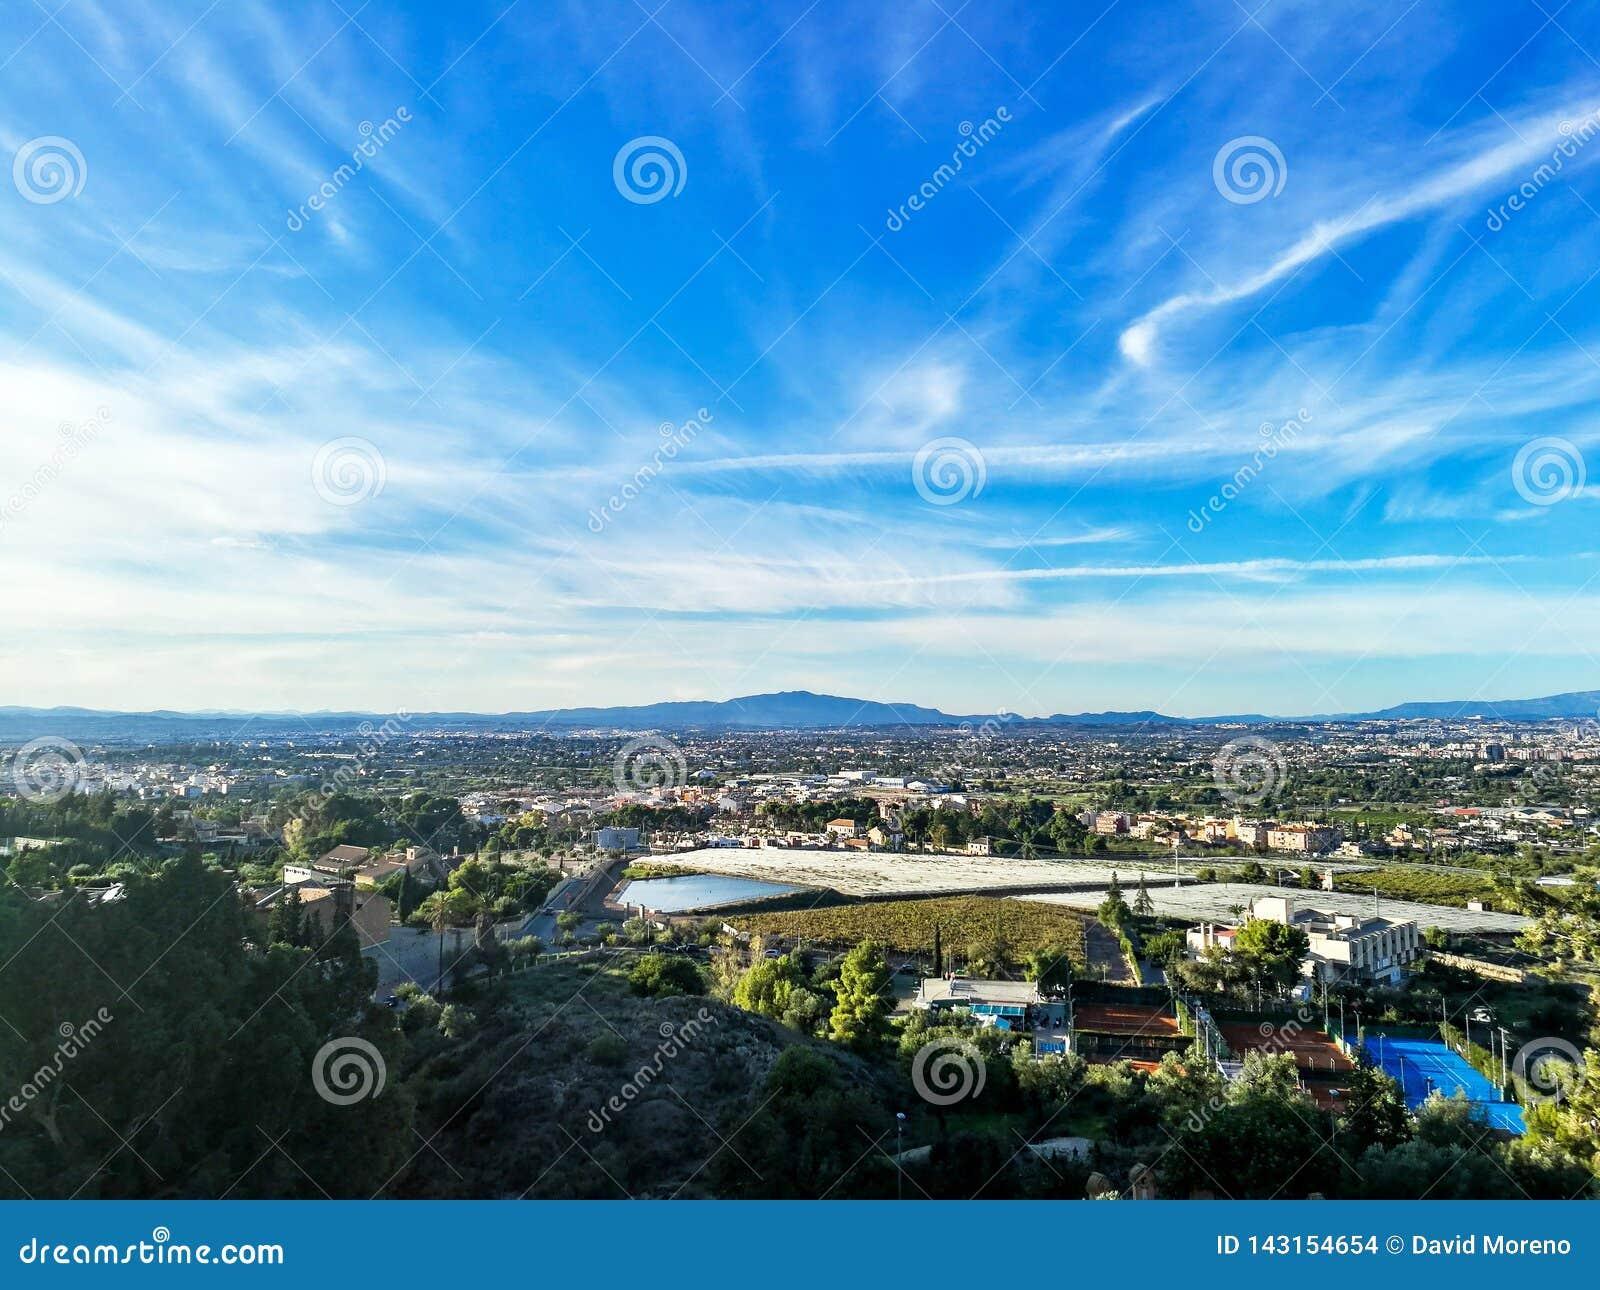 Widok z lotu ptaka oglądający od punkt widzenia na górze pejzaż miejski